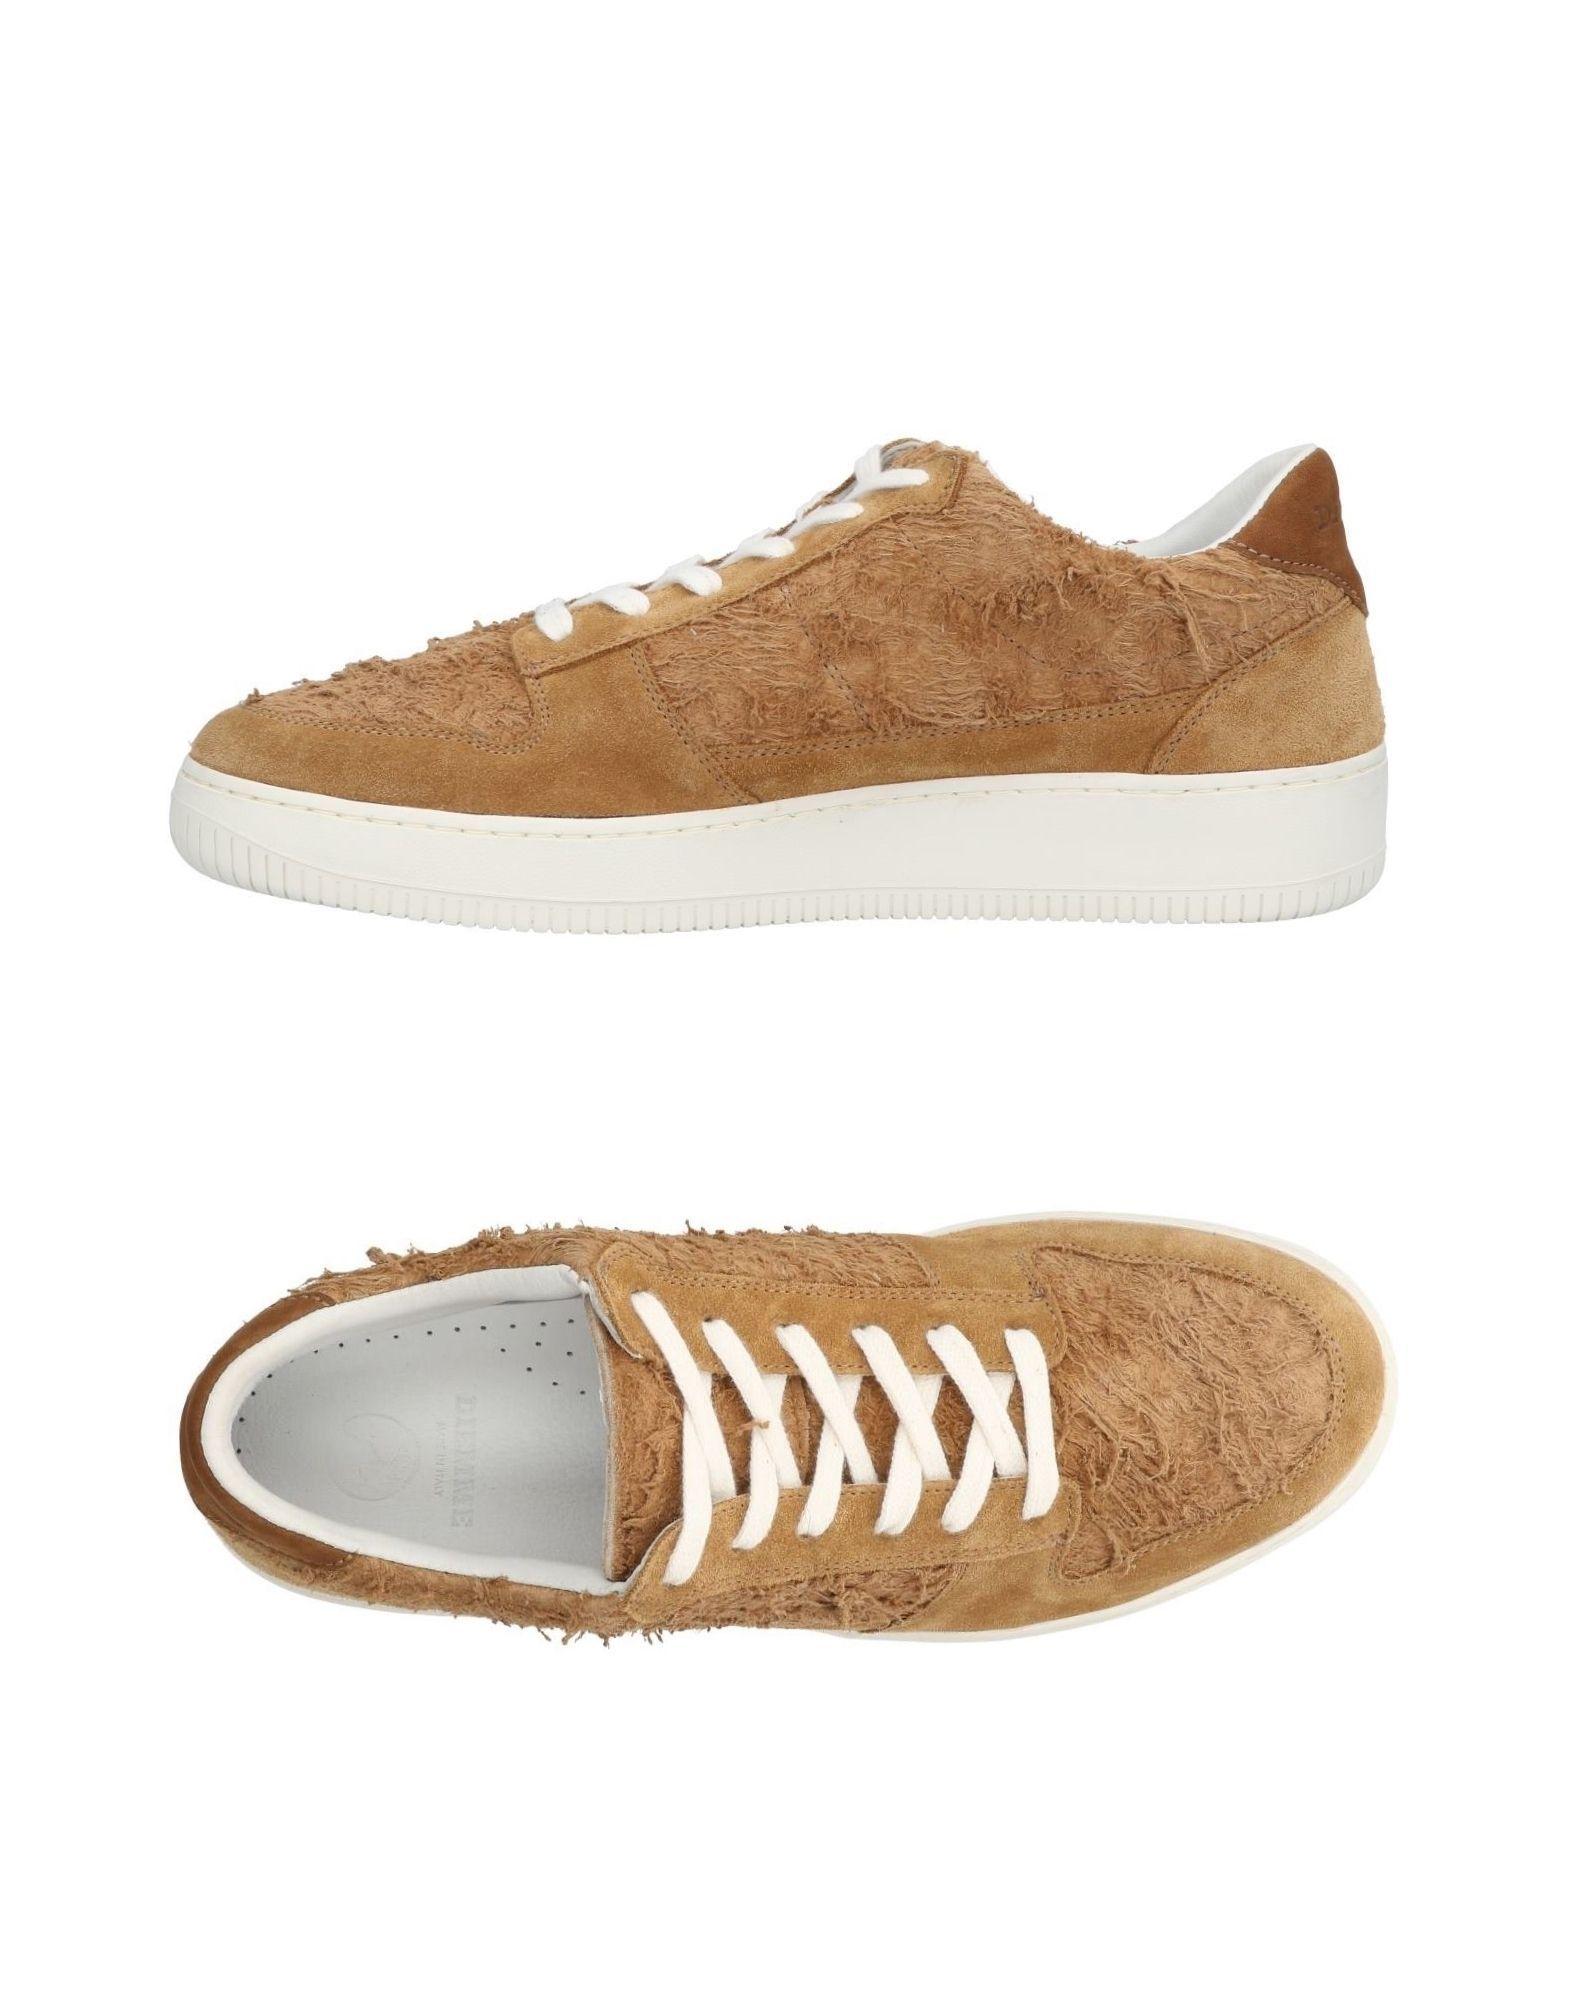 d266a34163d DIEMME . #diemme #shoes #   Diemme Men   Sneakers, Shoes sneakers, Shoes